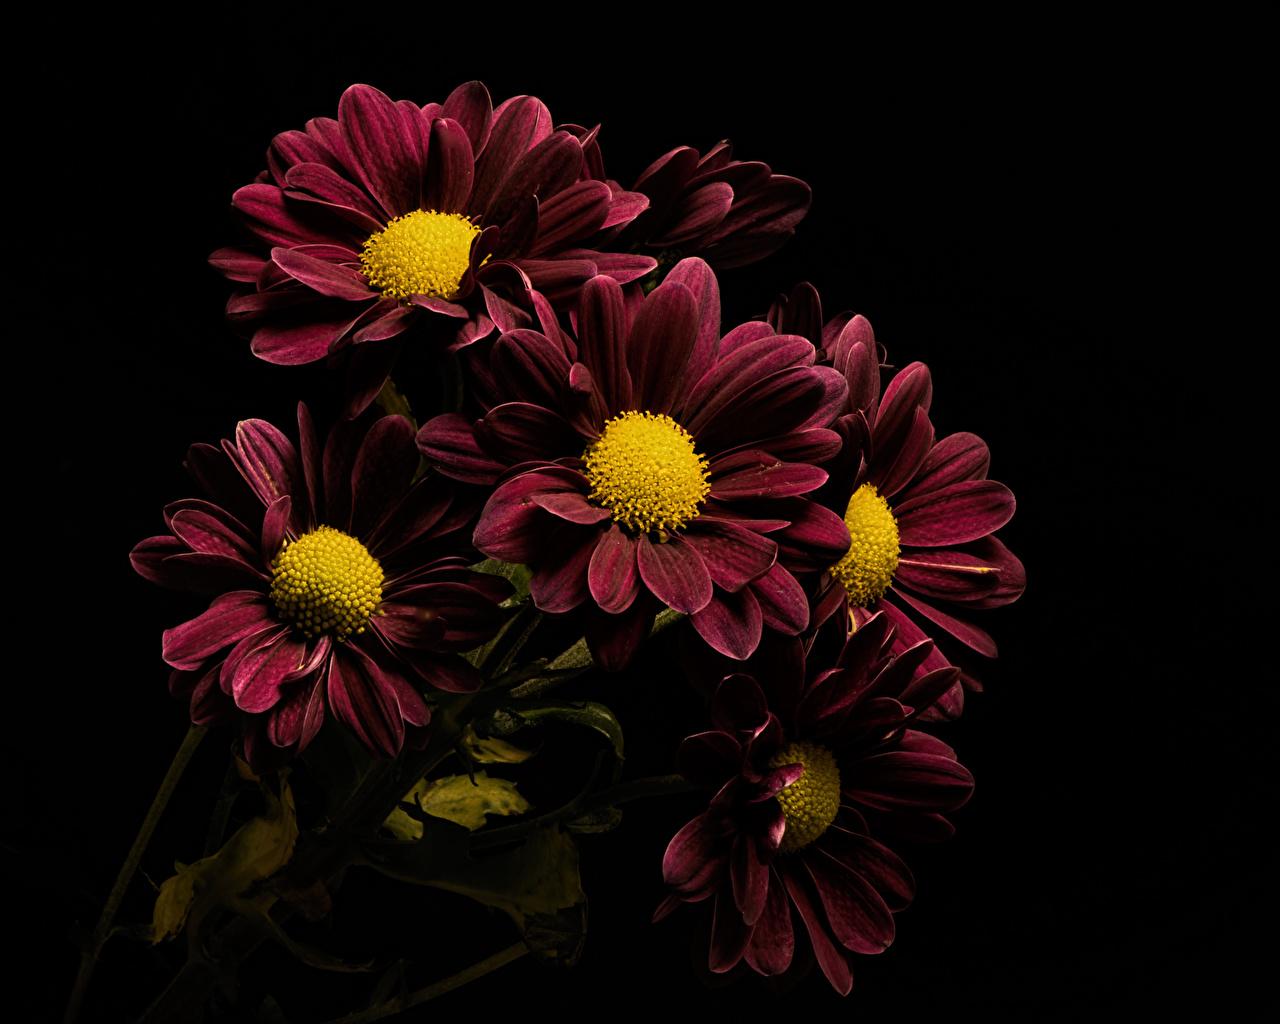 Фото бордовая цветок Хризантемы на черном фоне Крупным планом Бордовый бордовые темно красный Цветы вблизи Черный фон